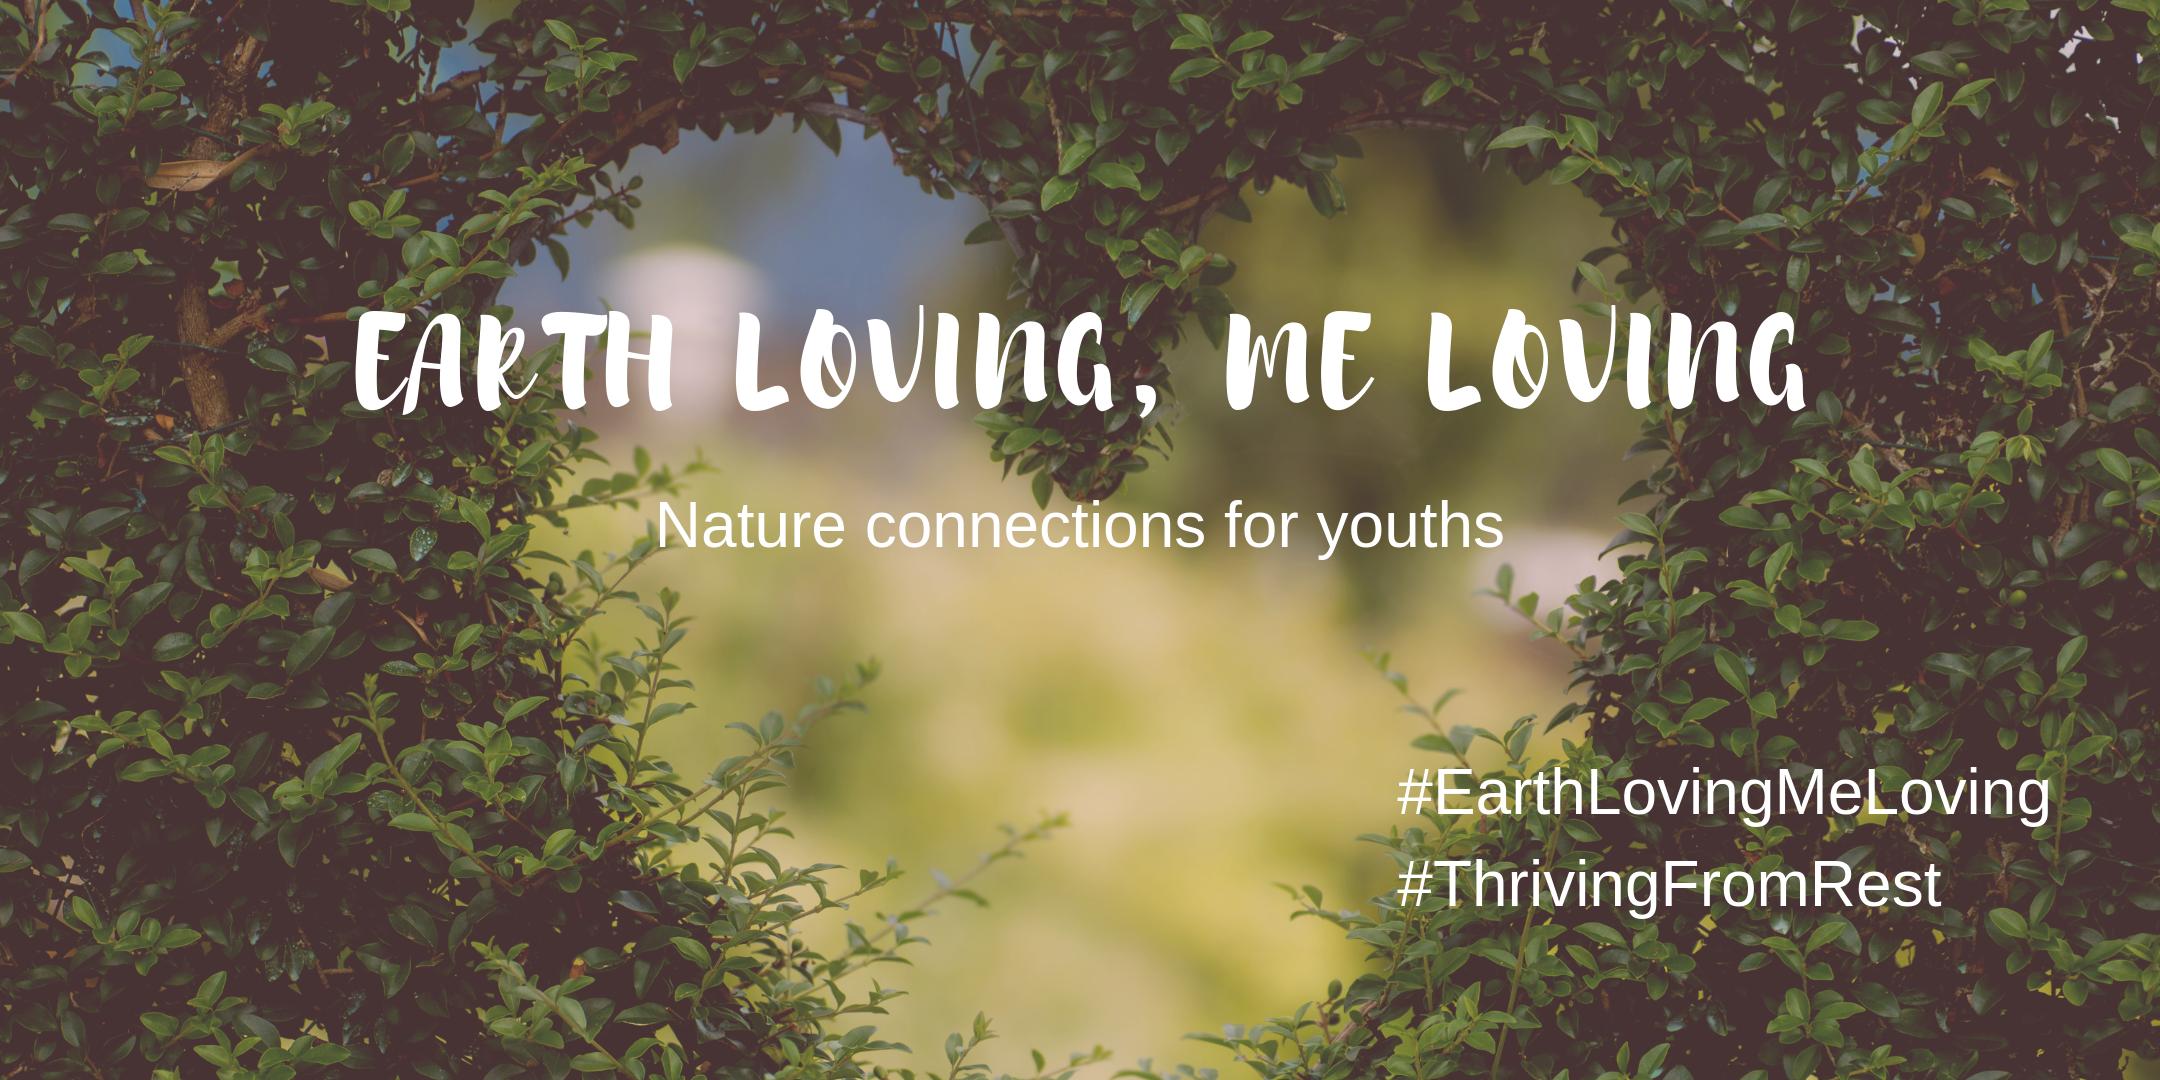 Earth Loving, Me Loving - forest bathing for youths - SkillsFuture Festival 2019